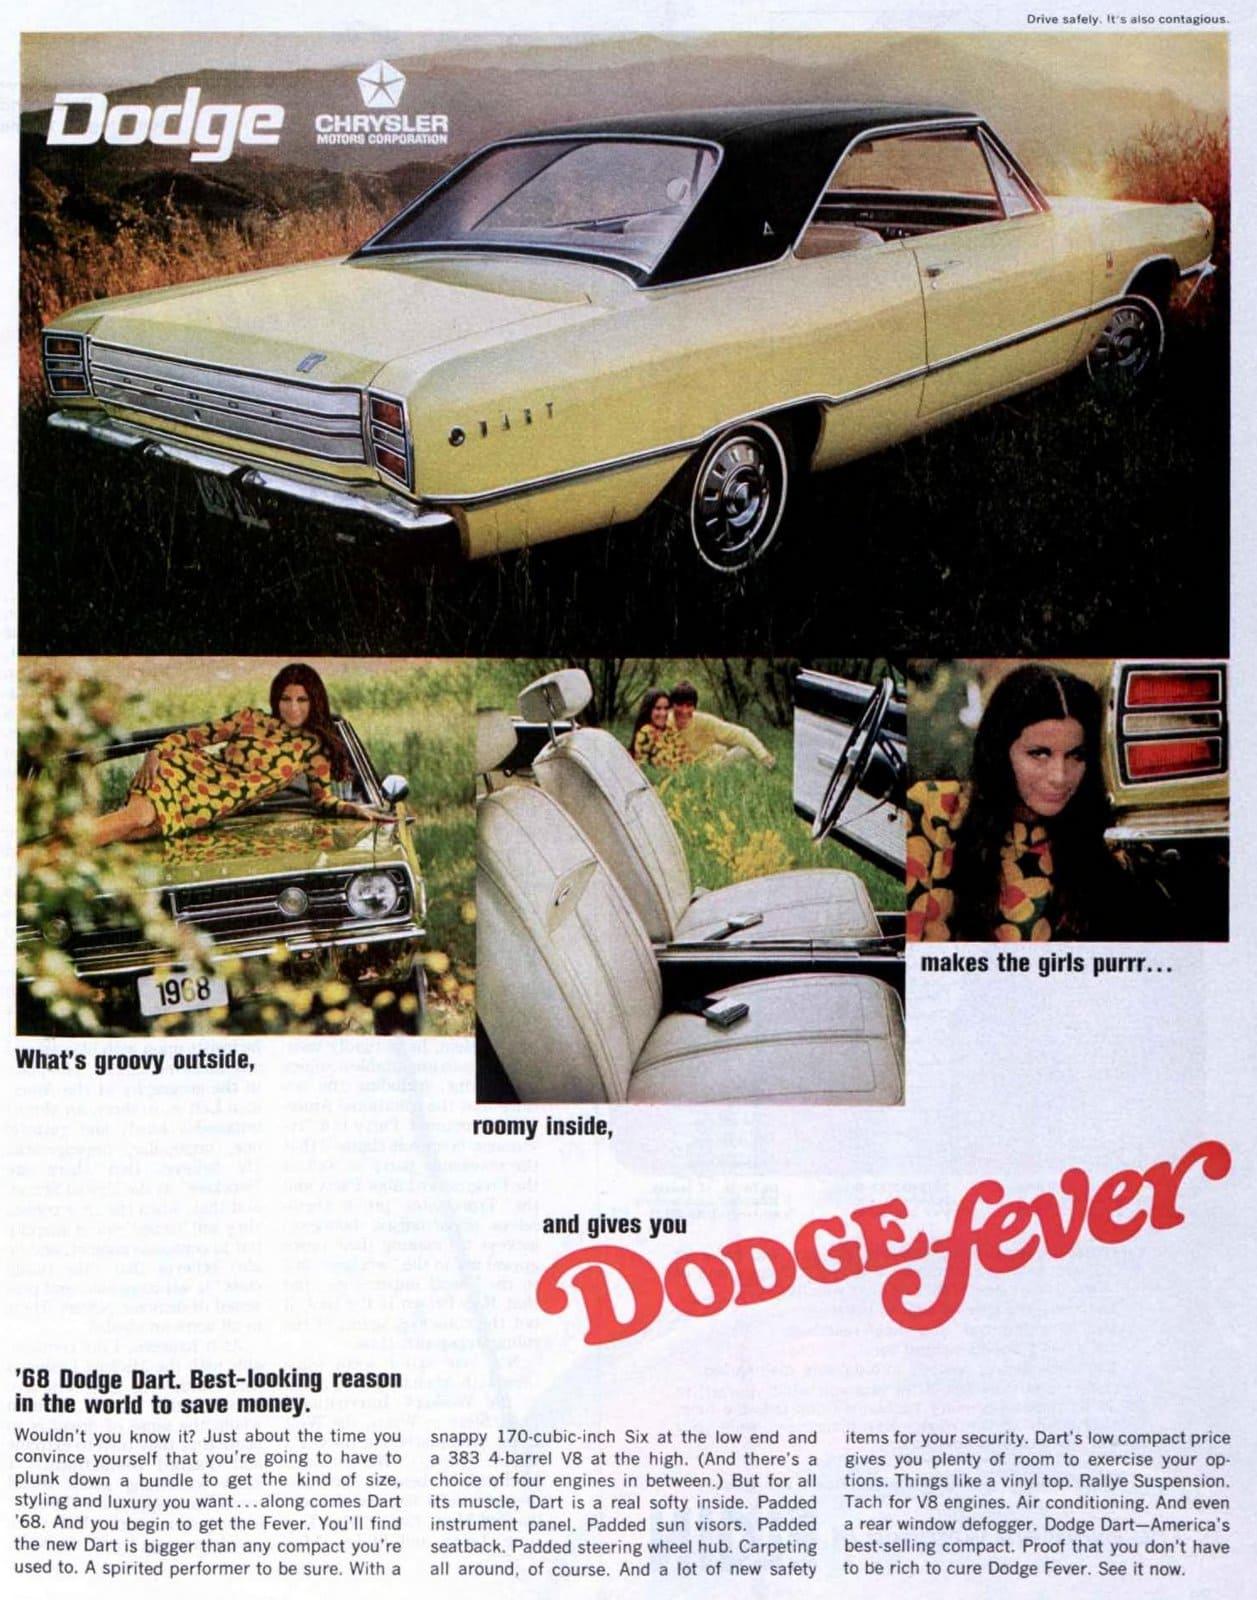 1968 Dodge Dart cars from Chrysler